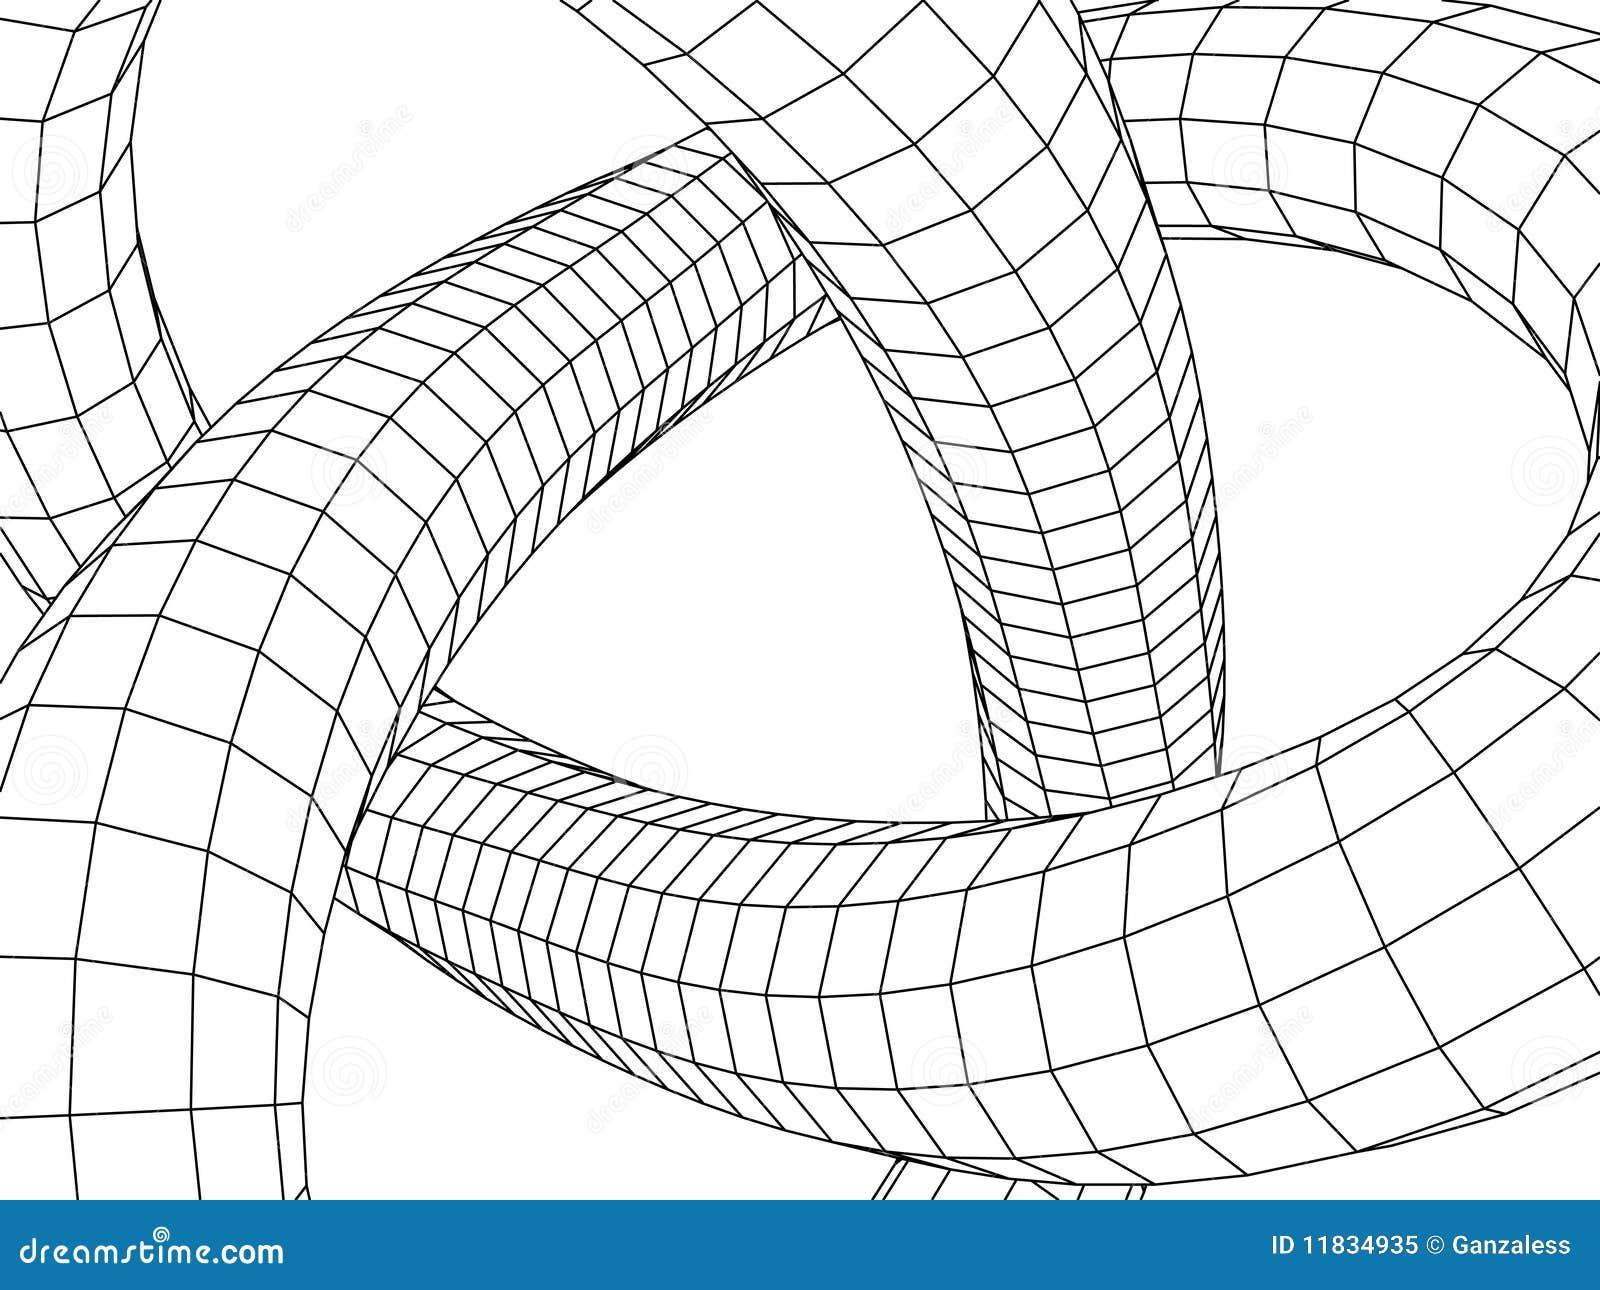 Architettura astratta illustrazione vettoriale for Programmi 3d architettura